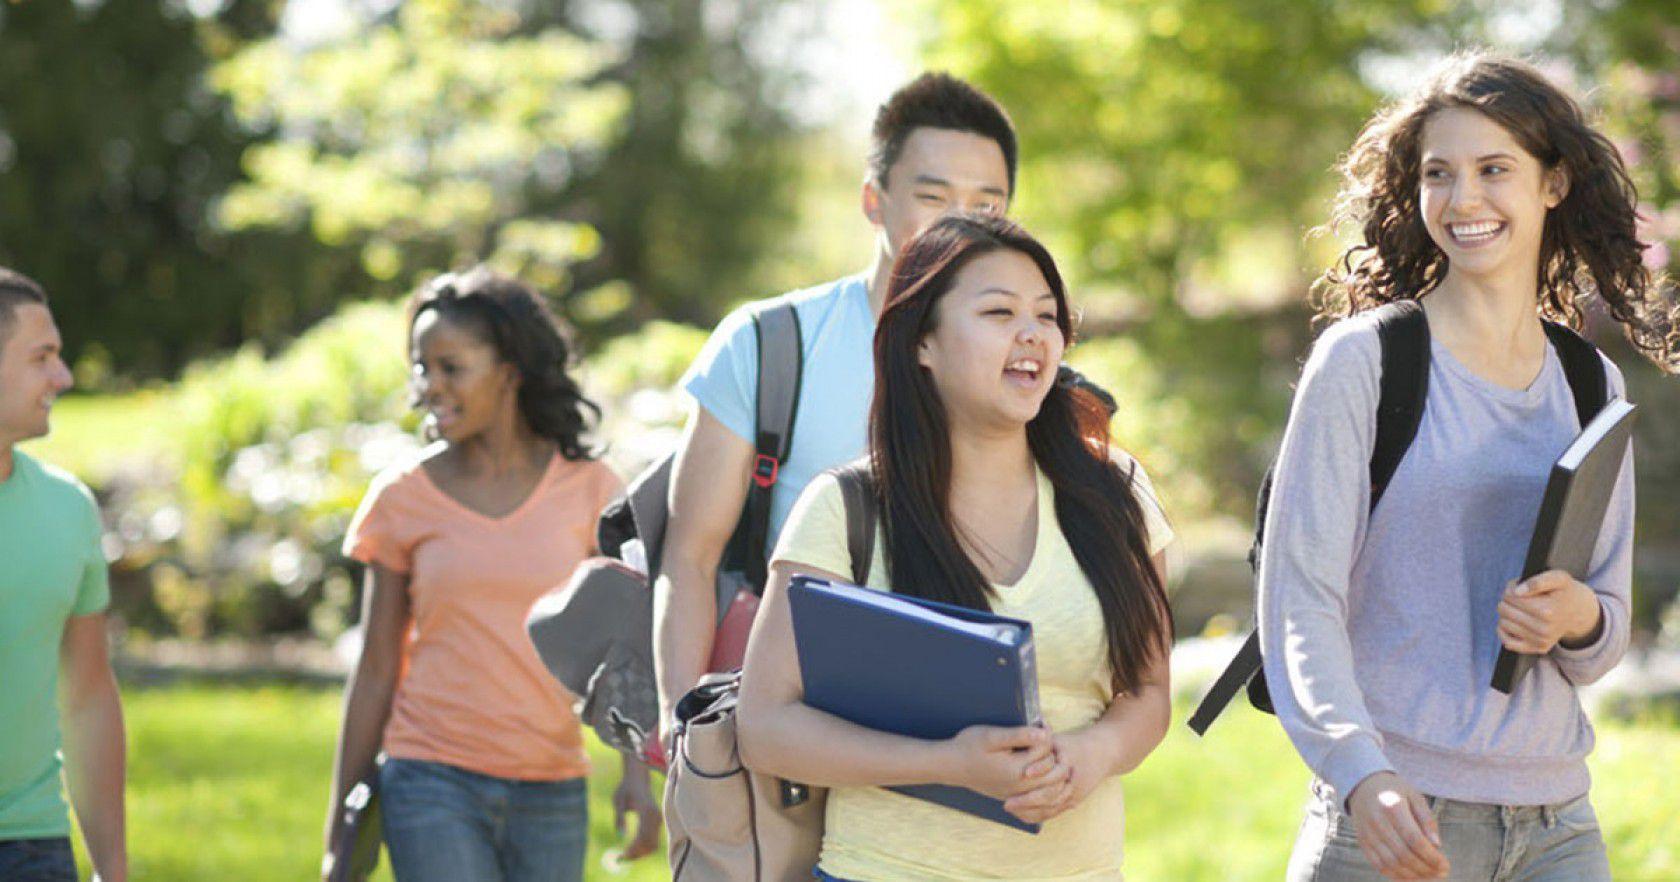 Kısa Sürede Fark Yaratmak İsteyen Öğrenciler için Advanced Placement Hazırlık Programları Nelerdir?